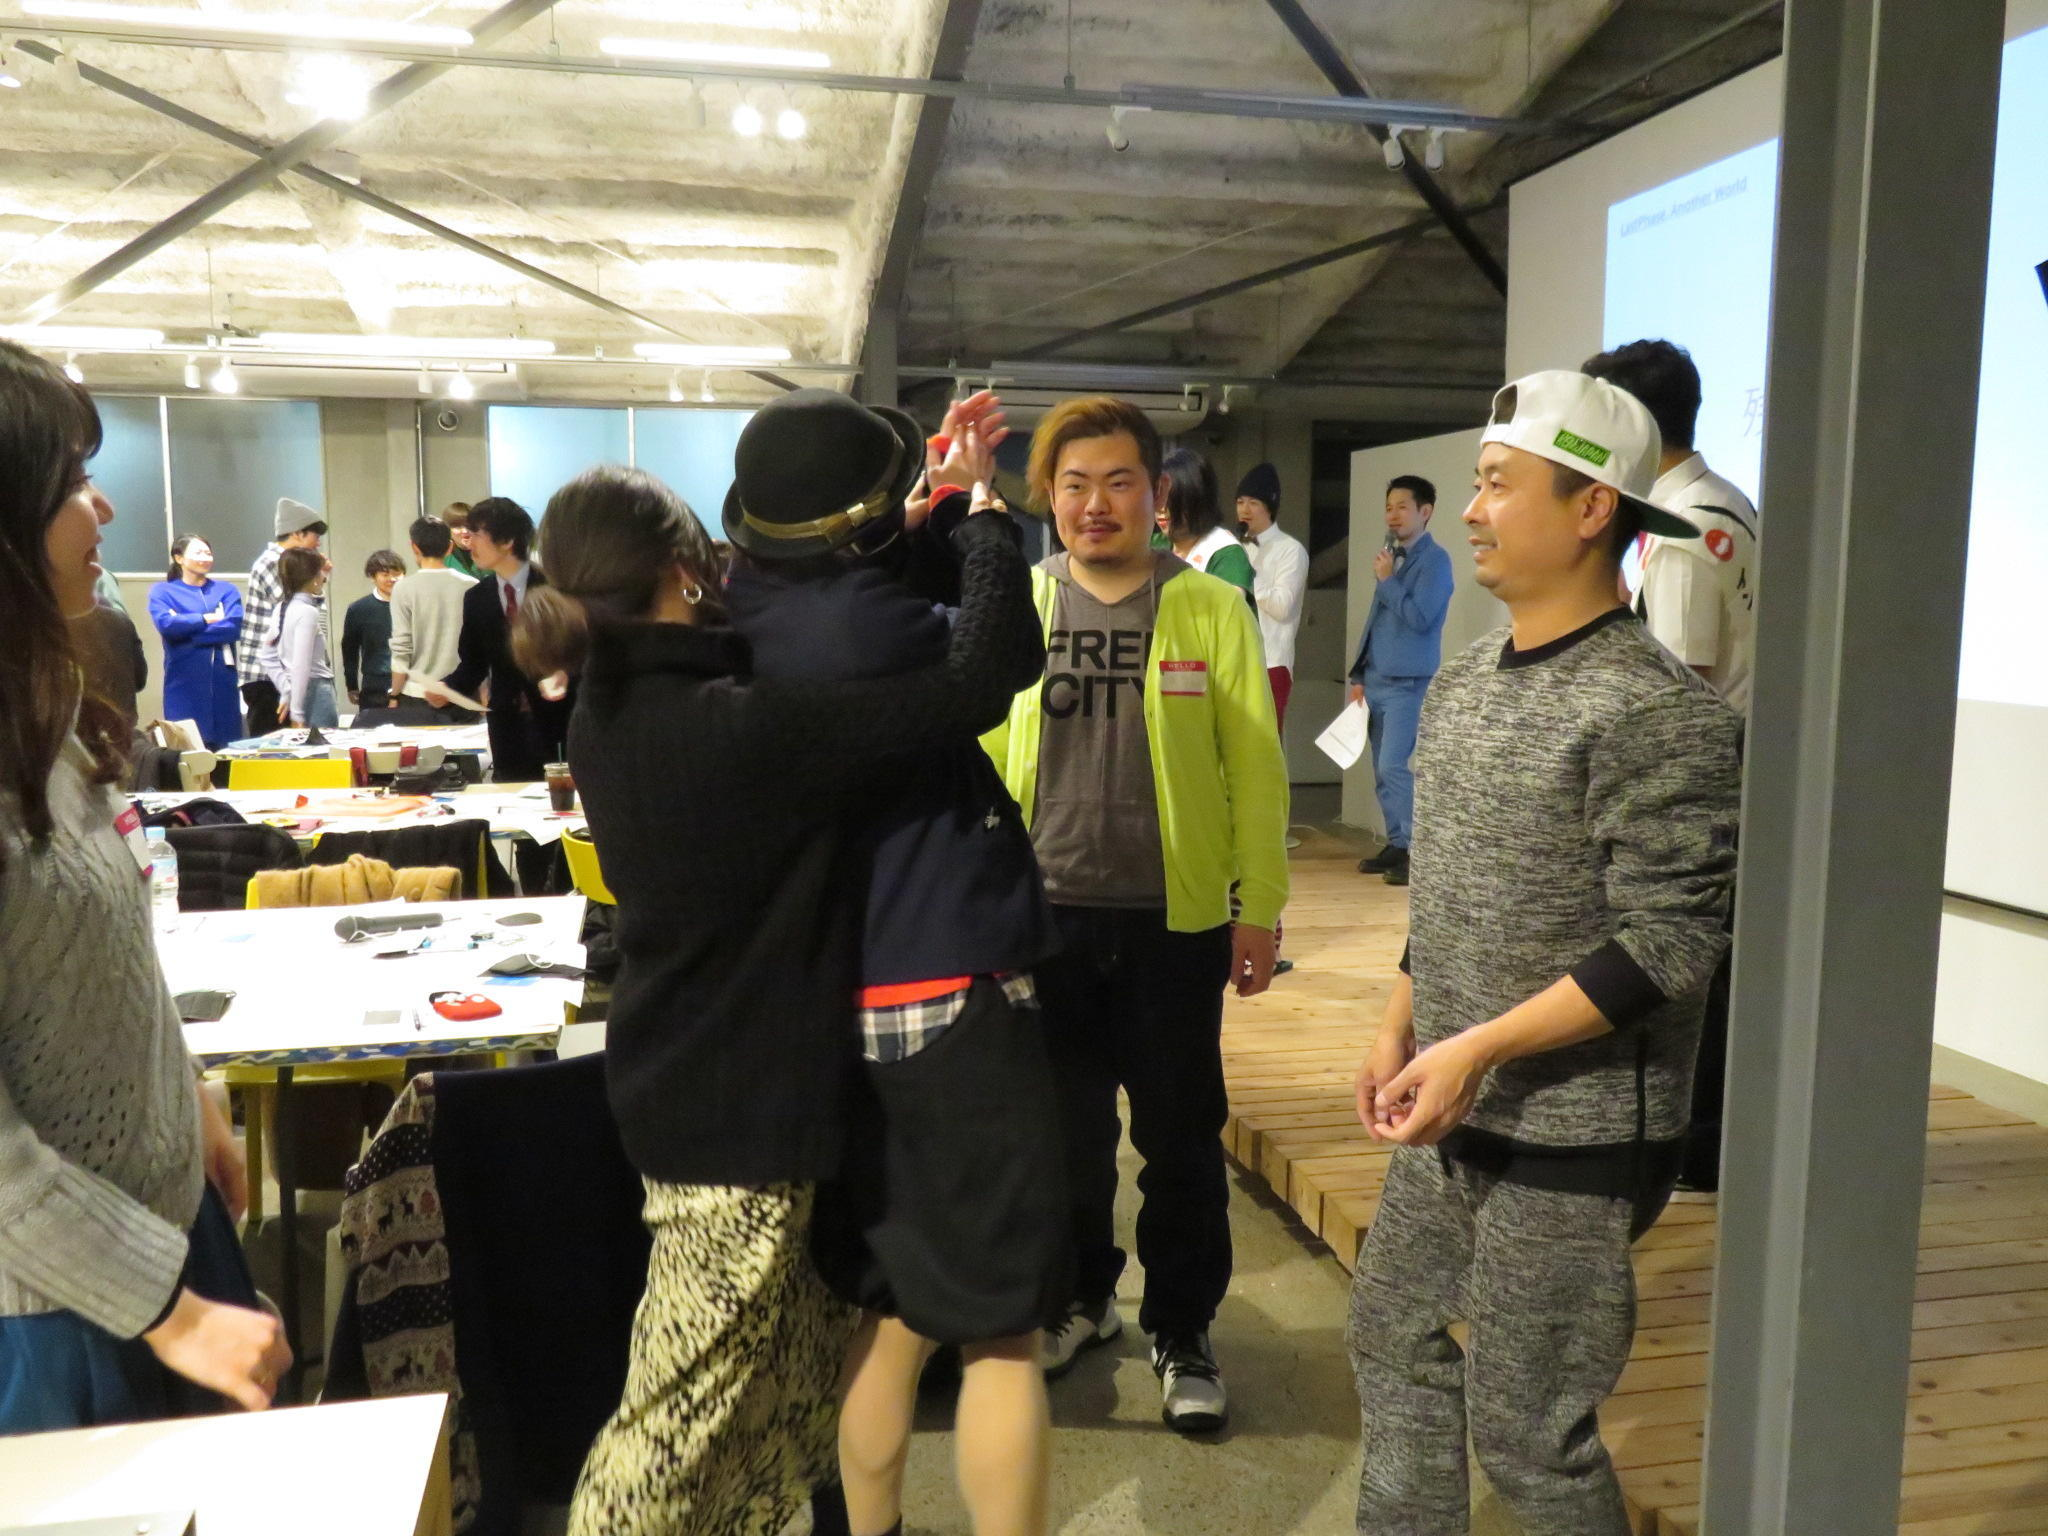 http://news.yoshimoto.co.jp/20181230001916-96f783ebe0e54bc3e5cb369620d0a3751018a572.jpg